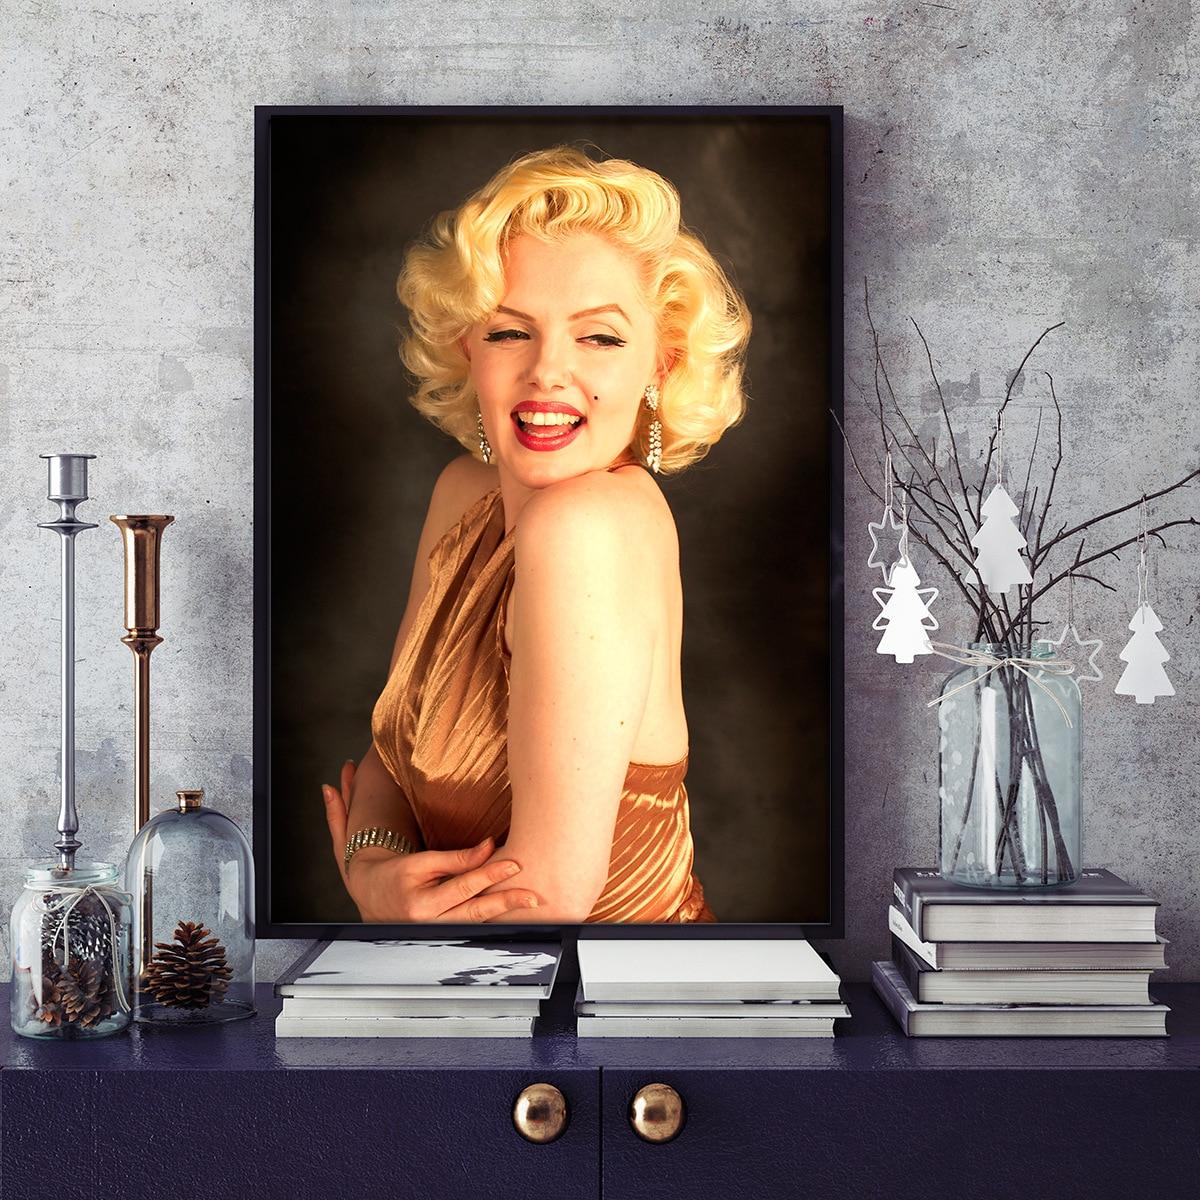 Cuadro clásico, arte de pared, pintura al óleo para el hogar, decoración para el salón, póster de Marilyn Monroe, pintura en lienzo para pared Cuadro de visualización completa de Ángel/paisaje redondo bordado en diamante paisajístico 5D cuadro de diamantes de imitación de punto de cruz imagen nueva